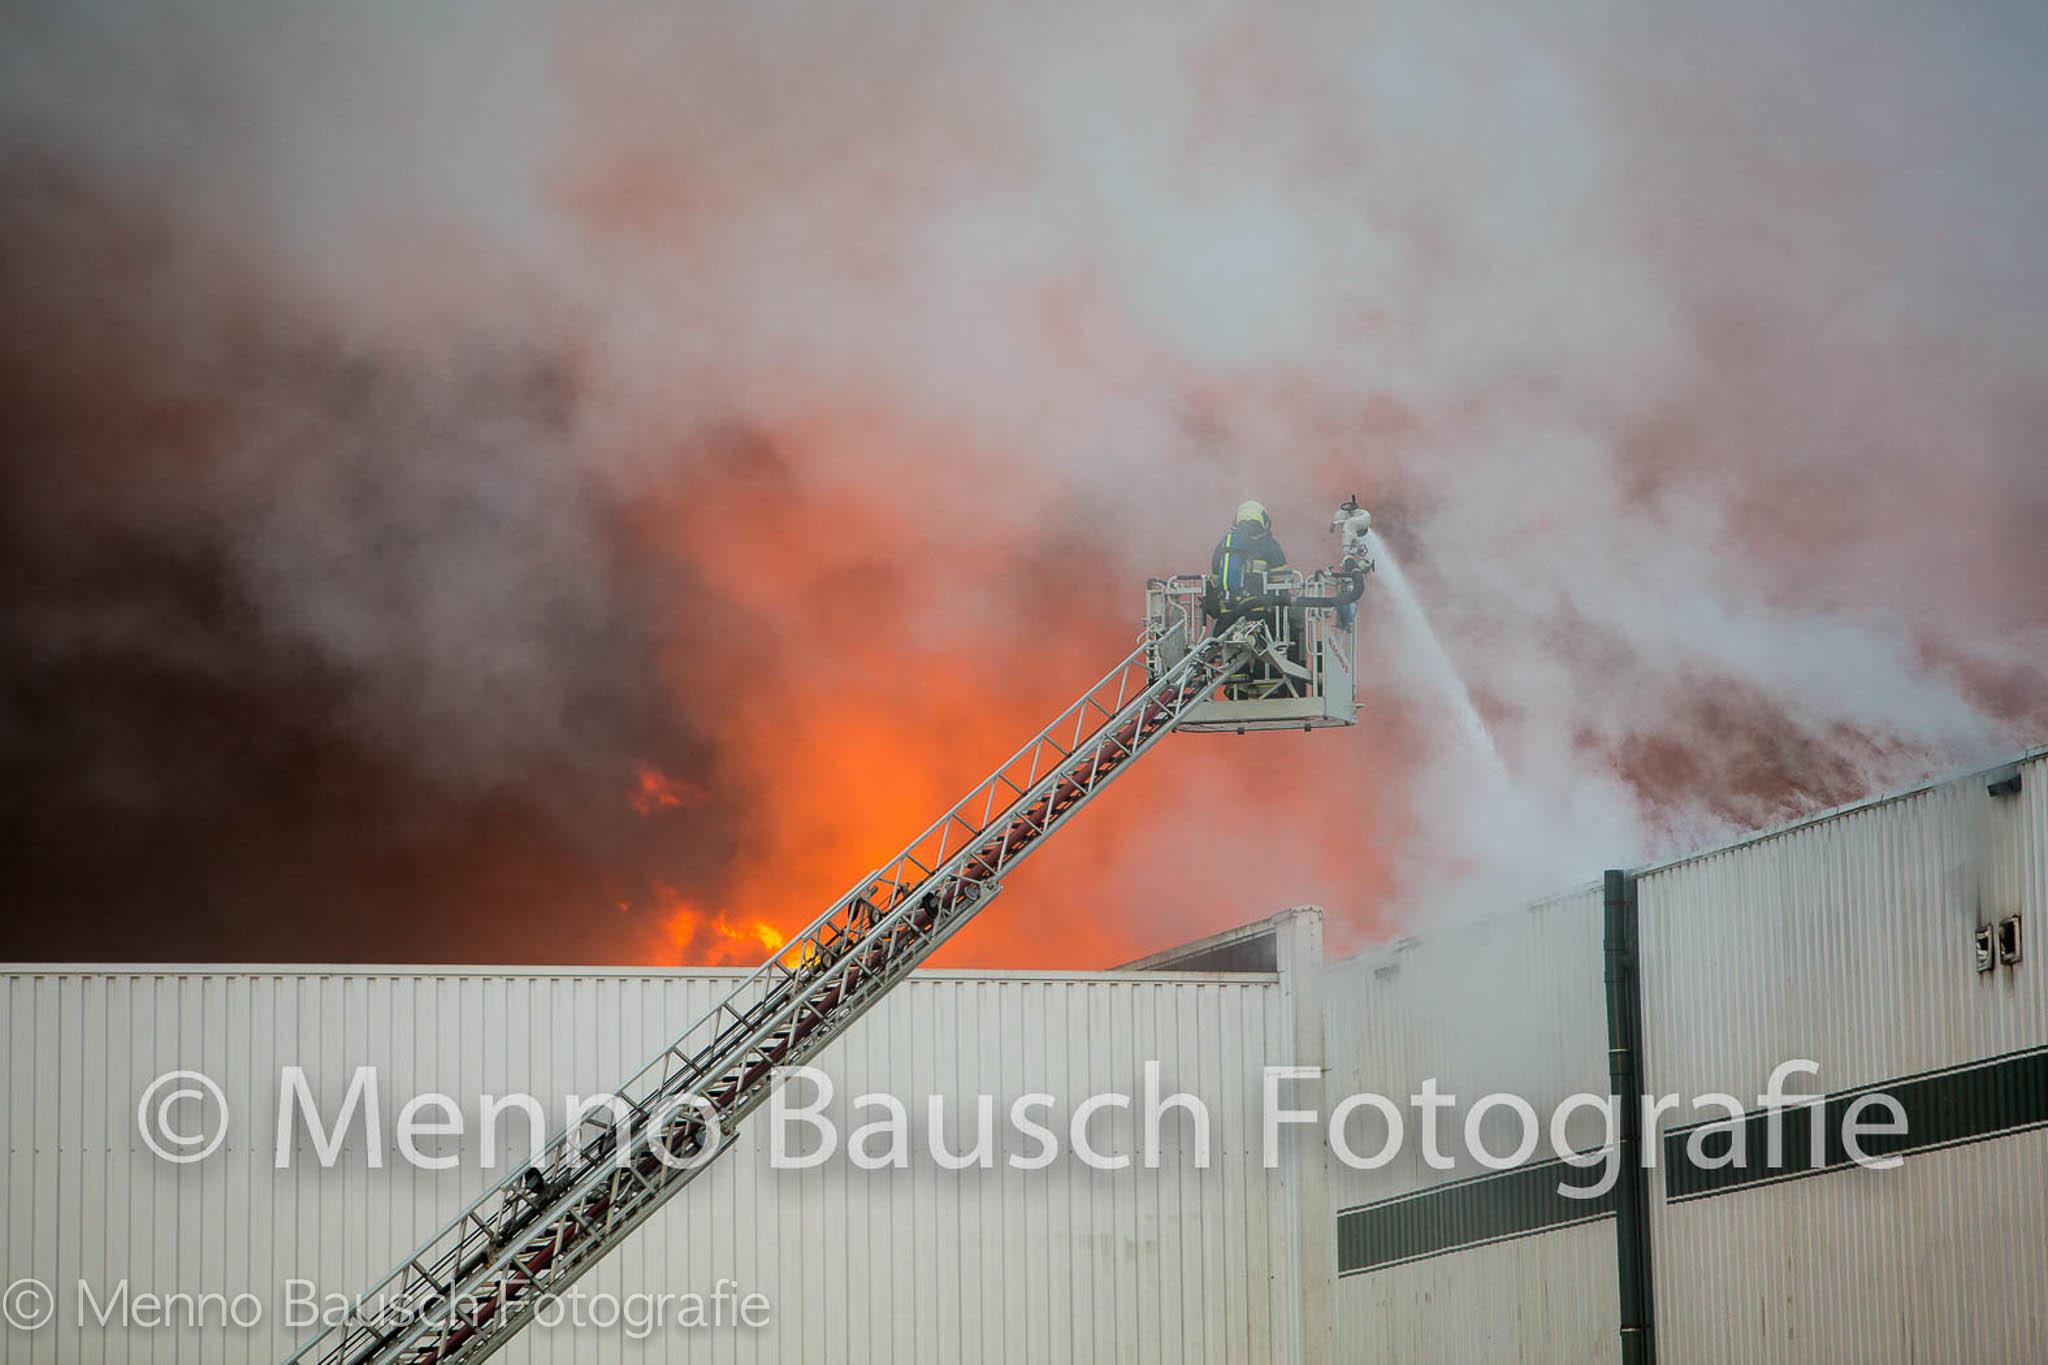 Menno Bausch Fotografie66